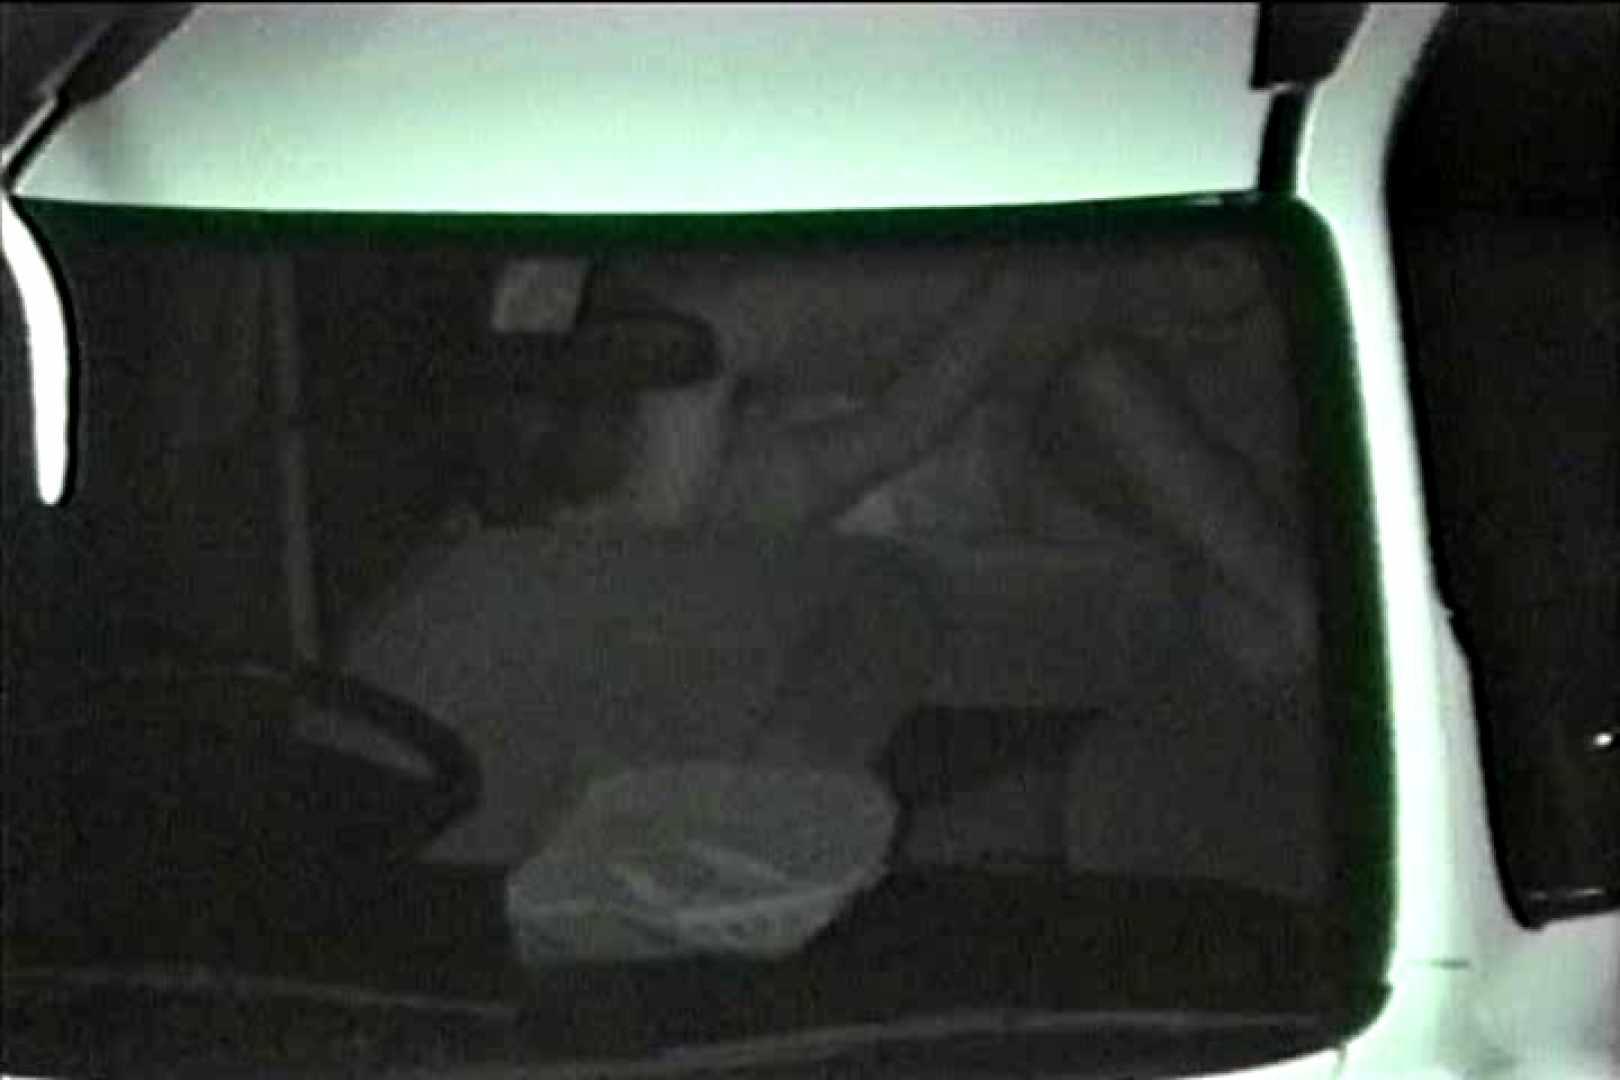 車の中はラブホテル 無修正版  Vol.7 セックス スケベ動画紹介 84pic 51